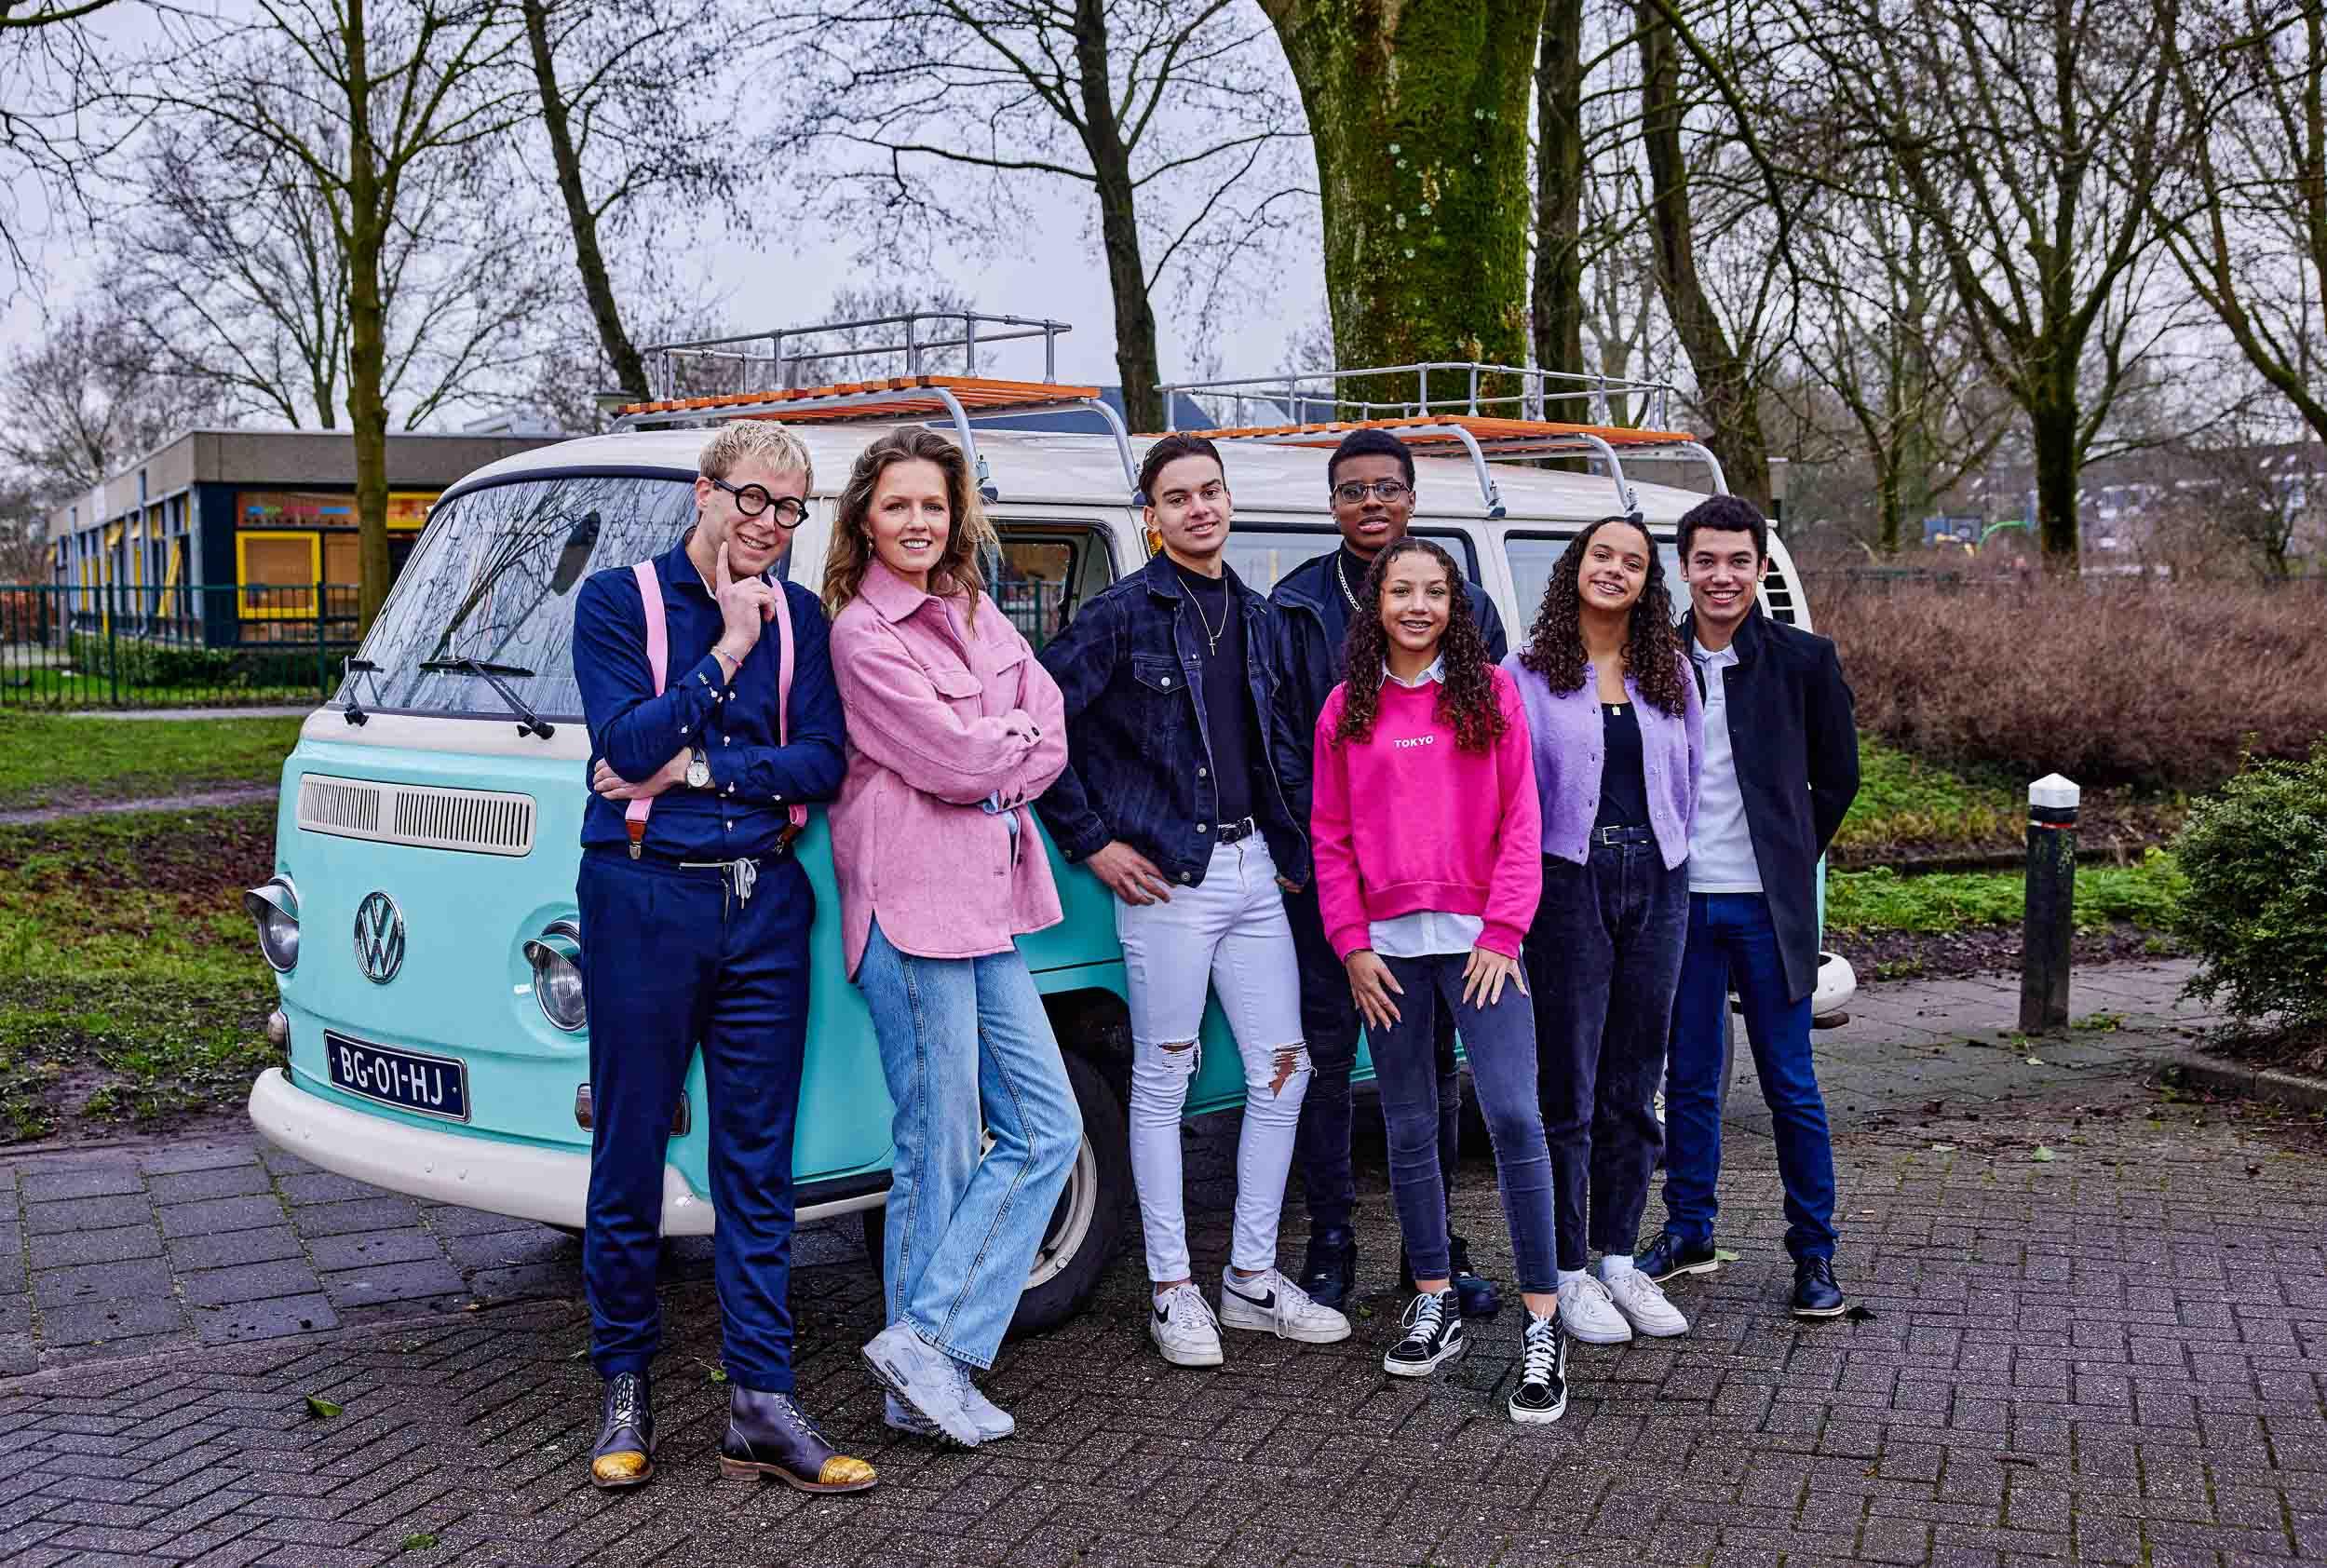 Kinderen Kopen een Huis - SBS6 televisieprogramma - Geert Klaver van Klaver Makelaardij